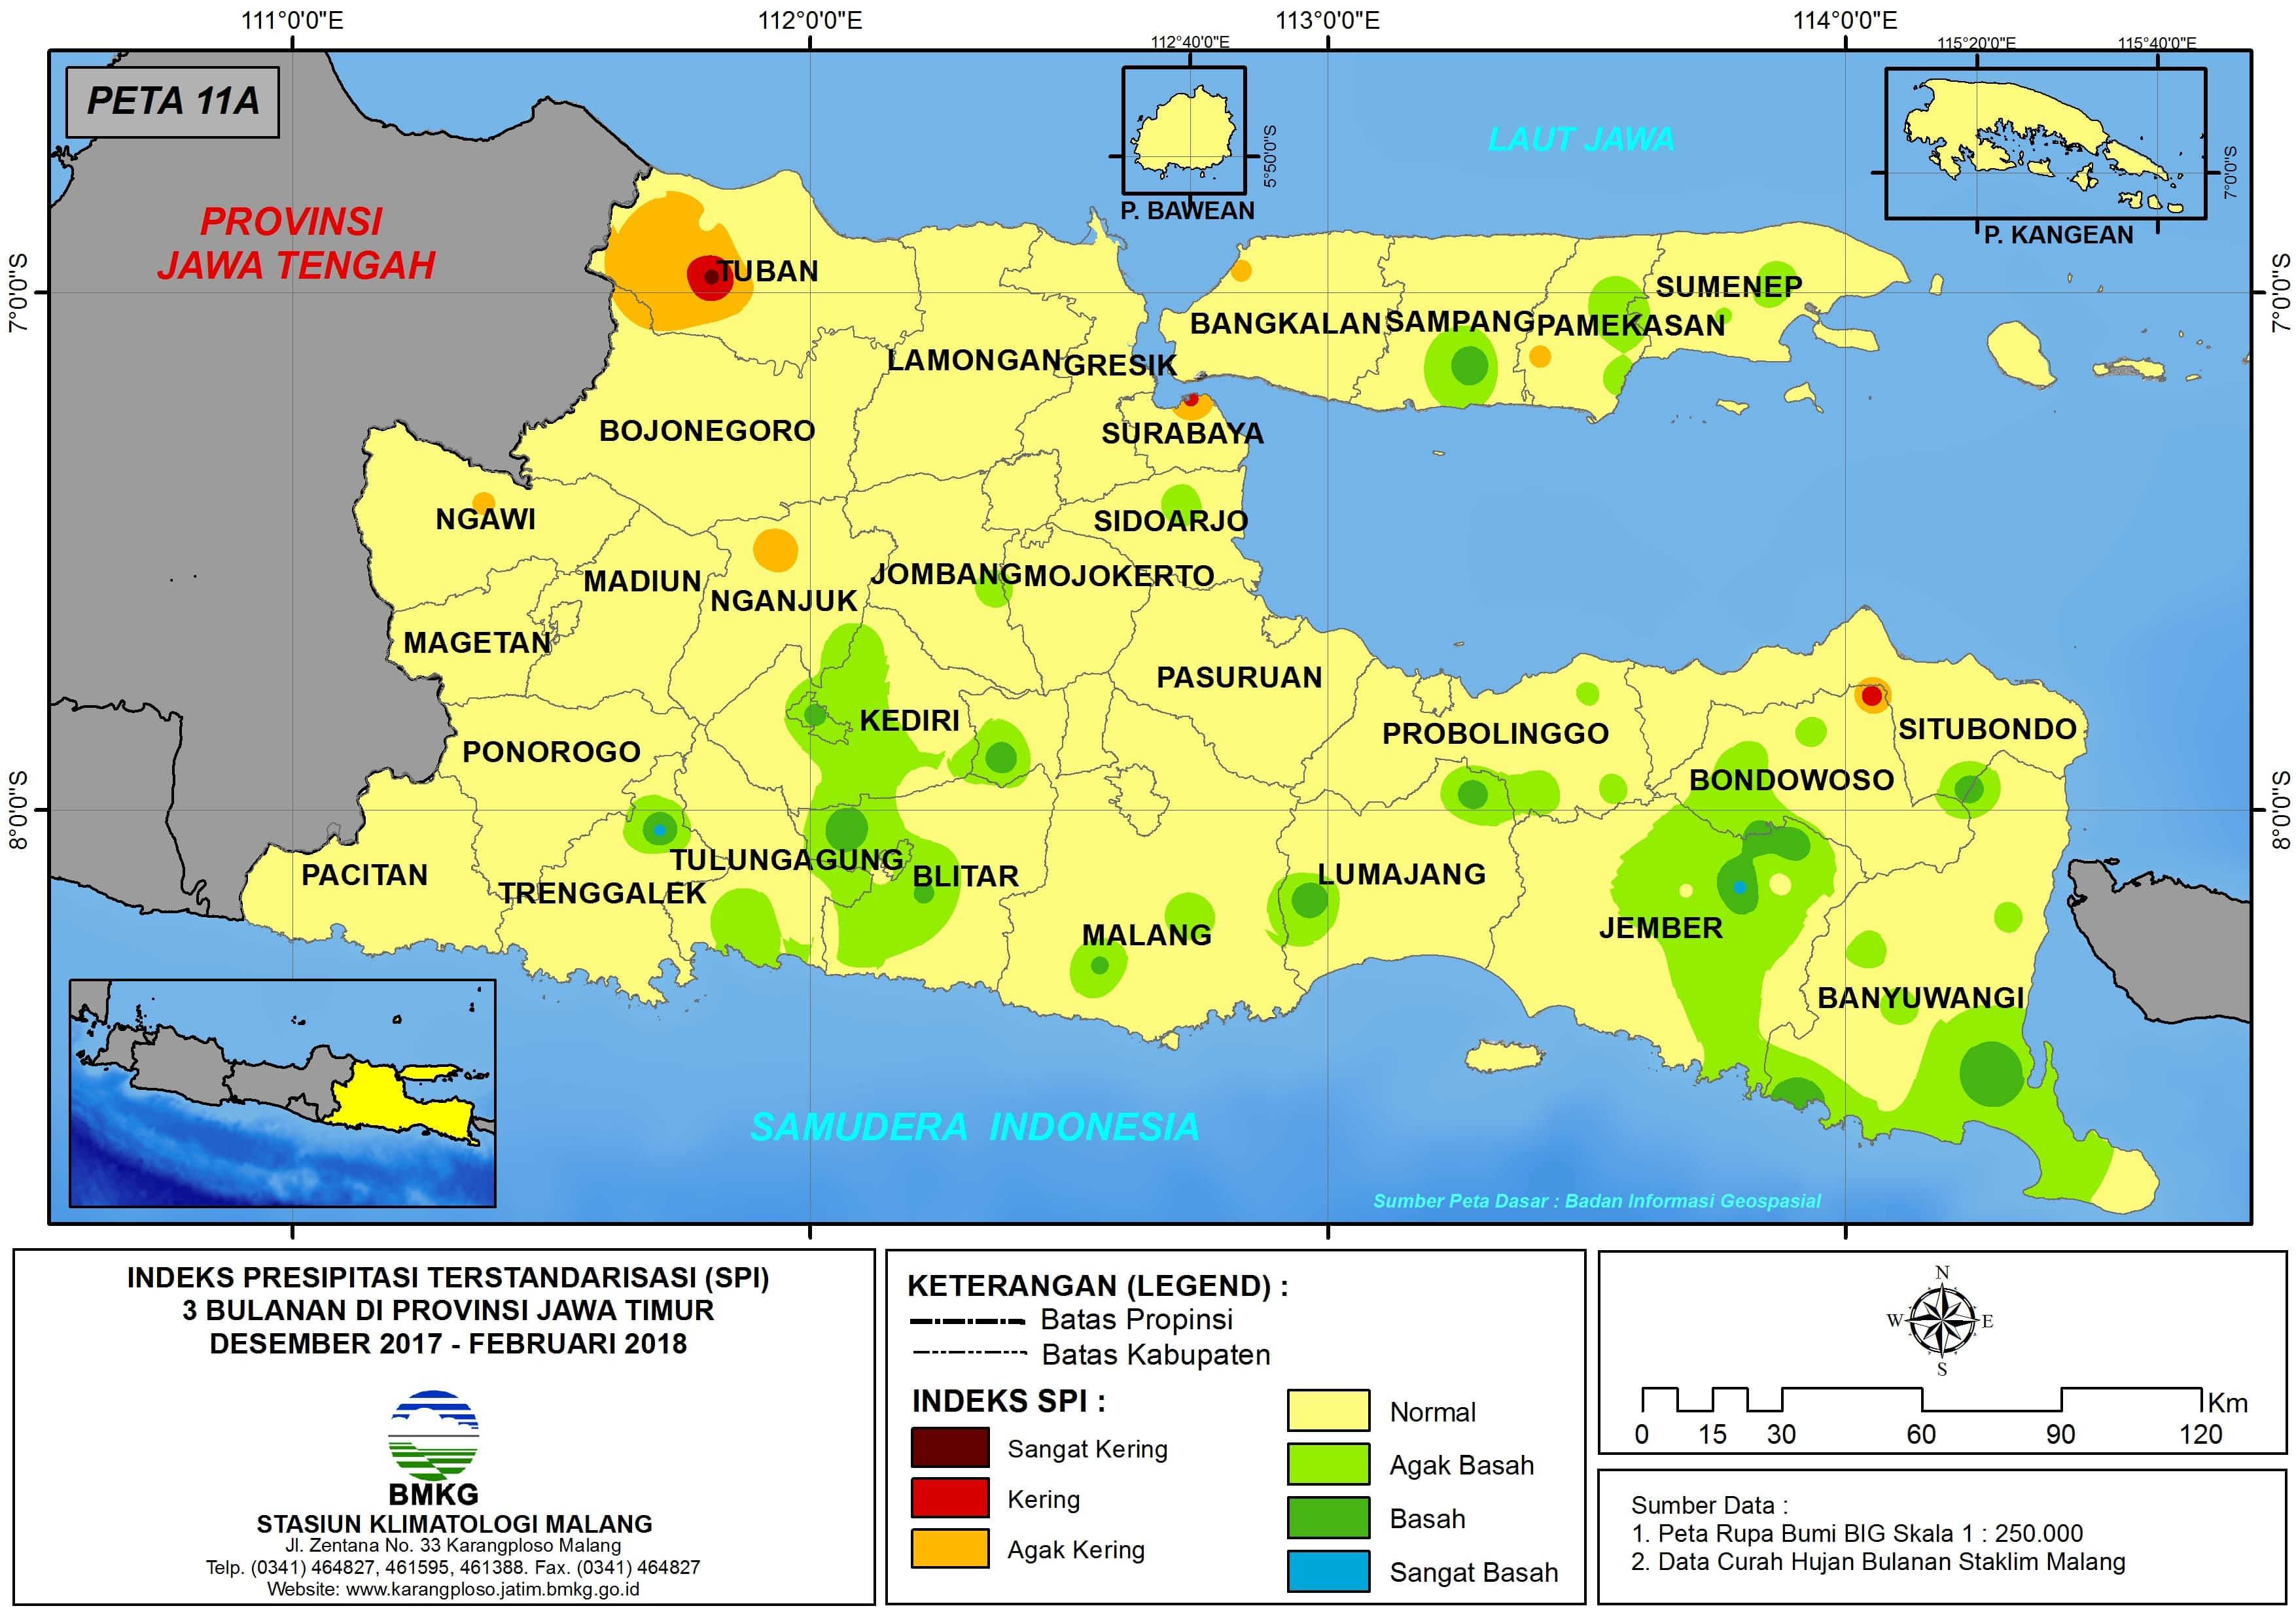 Analisis Indeks Presipitasi Terstandarisasi (SPI) 3 Bulanan Untuk Bulan Desember Tahun 2017 Januari Februari Tahun 2018 di Provinsi Jawa Timur